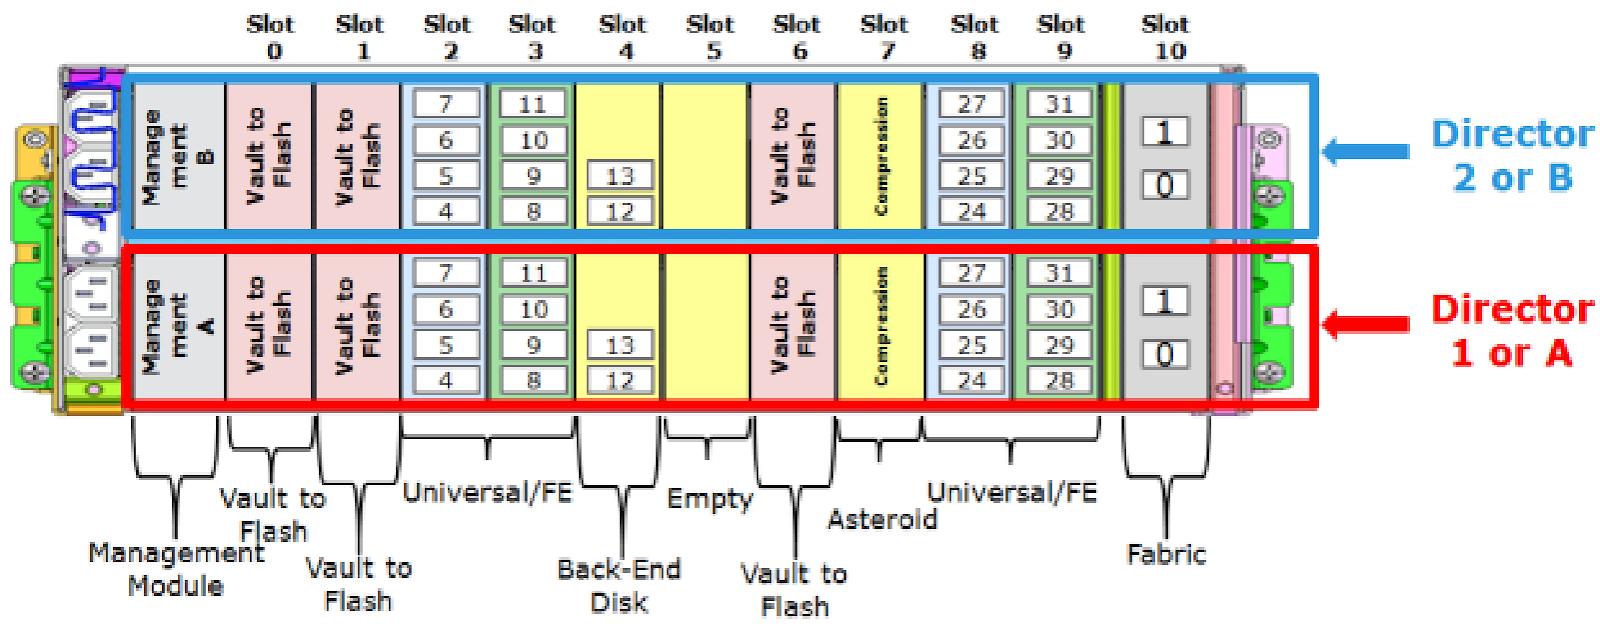 Архитектура, сертифицированная по SQL Server Data Warehouse Fast Track (DWFT): что это значит и как устроено - 6